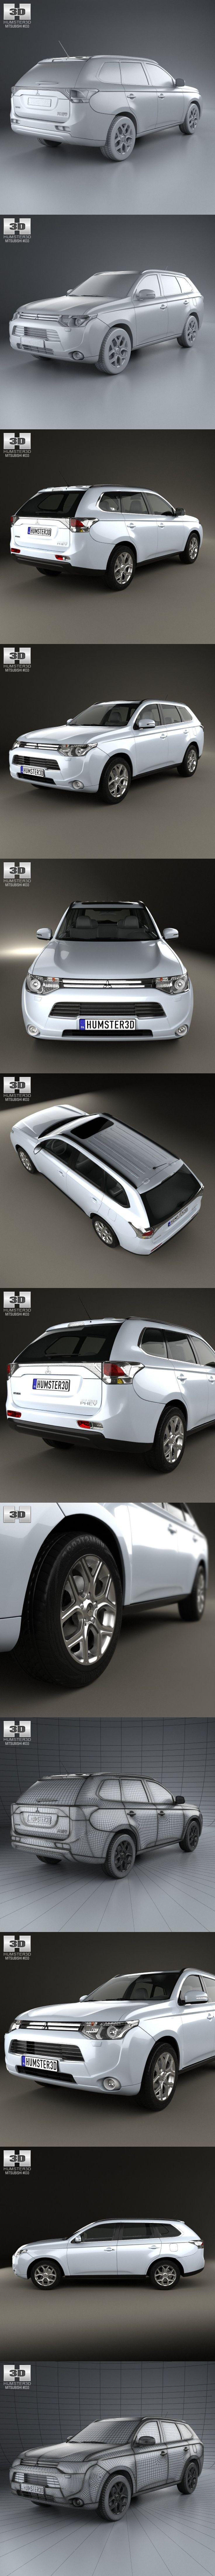 Mitsubishi Outlander PHEV 2013 #mitsubishi #mitsubishioutlander